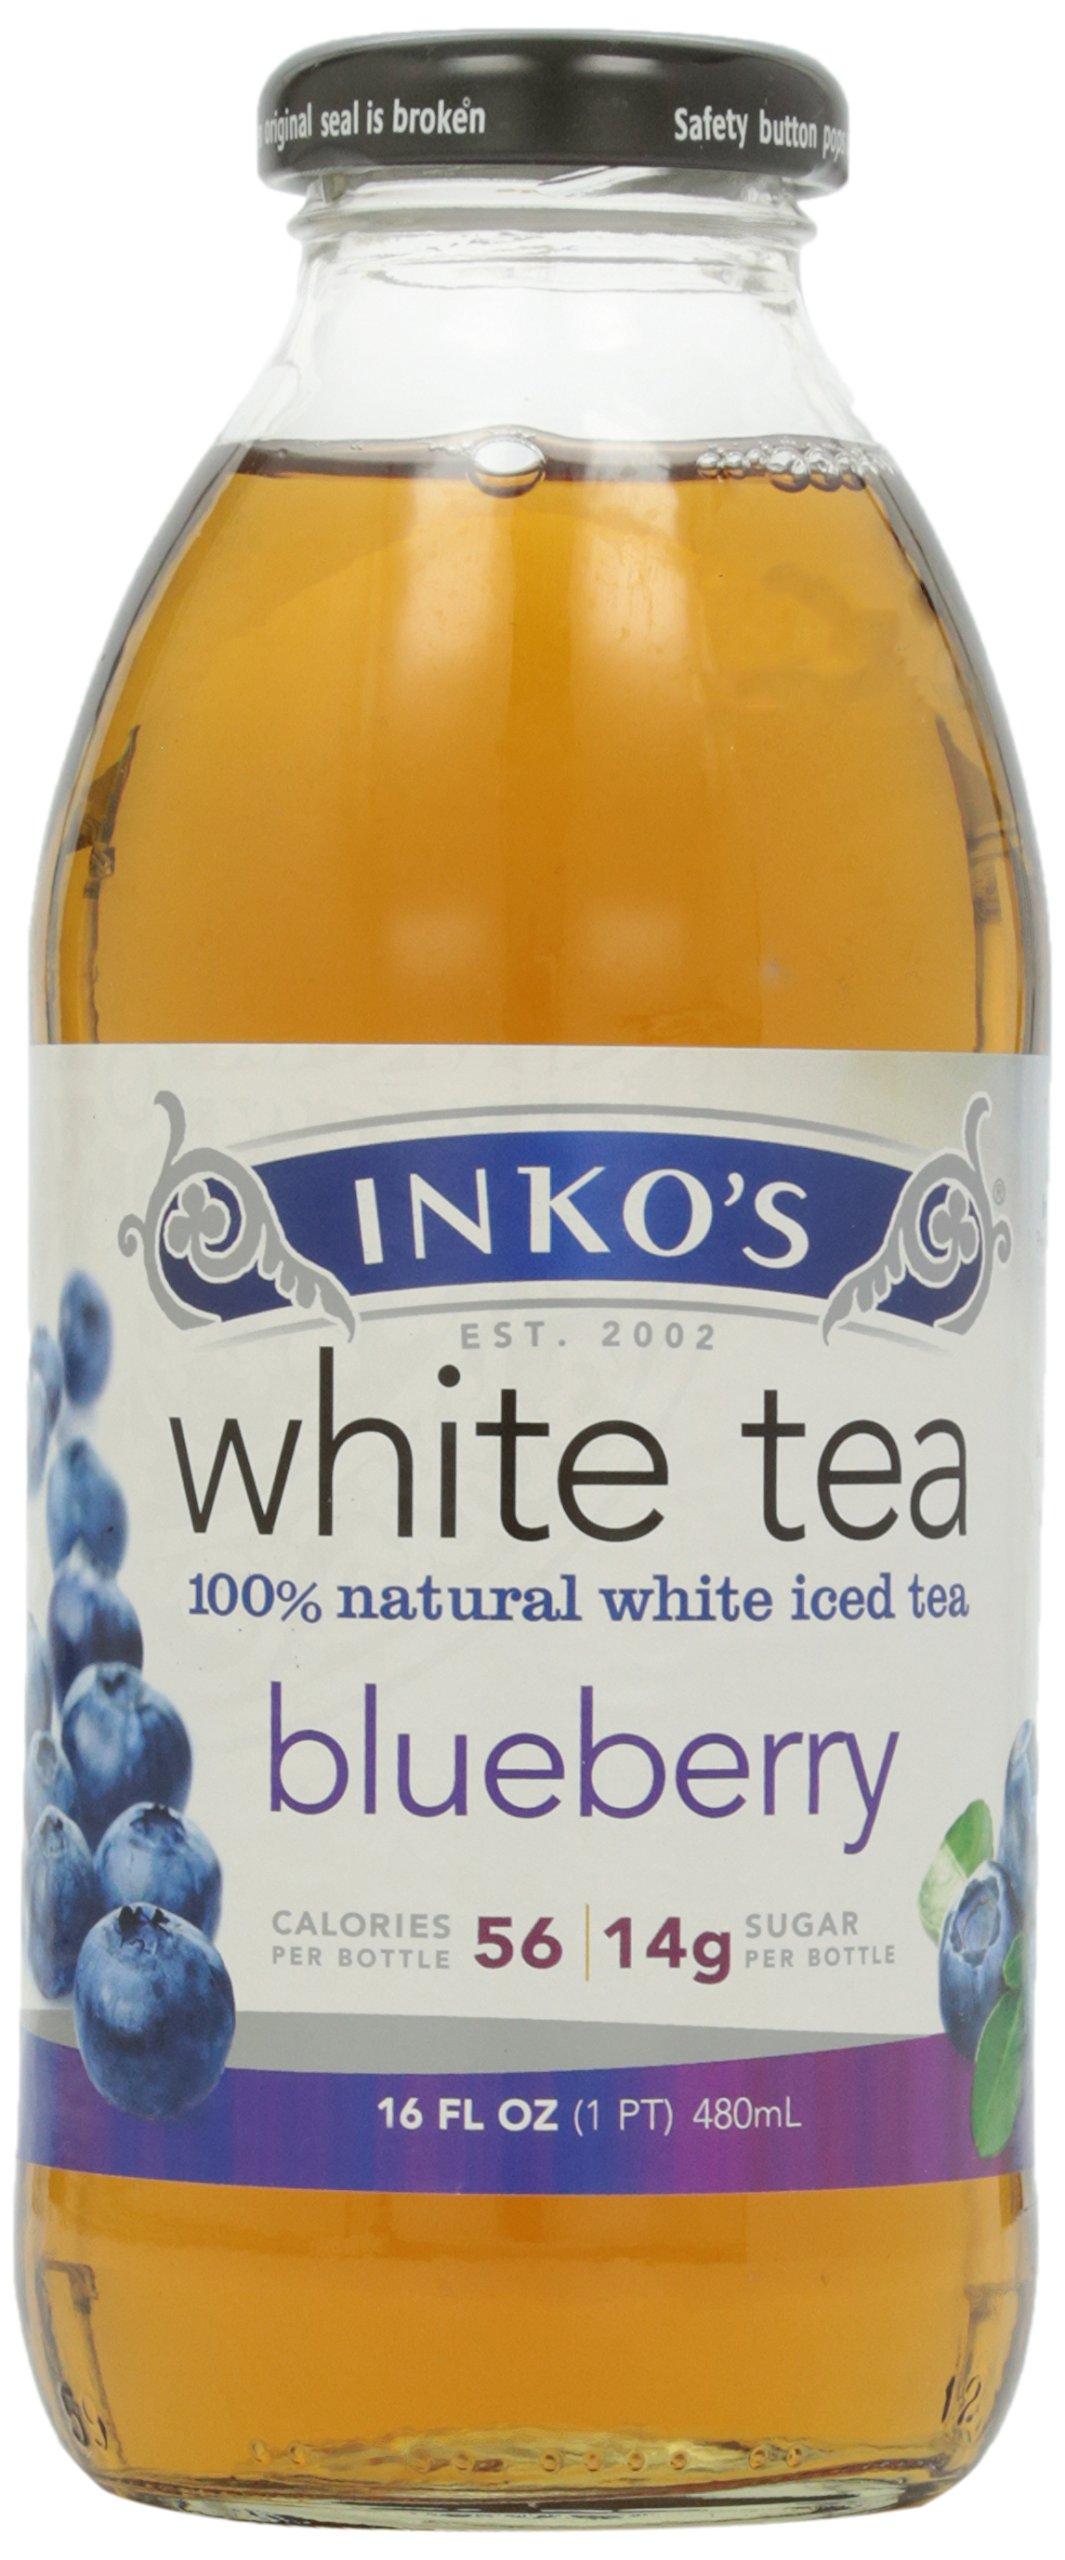 Inko's Iced White Tea, Blueberry, 16 oz by Inkos